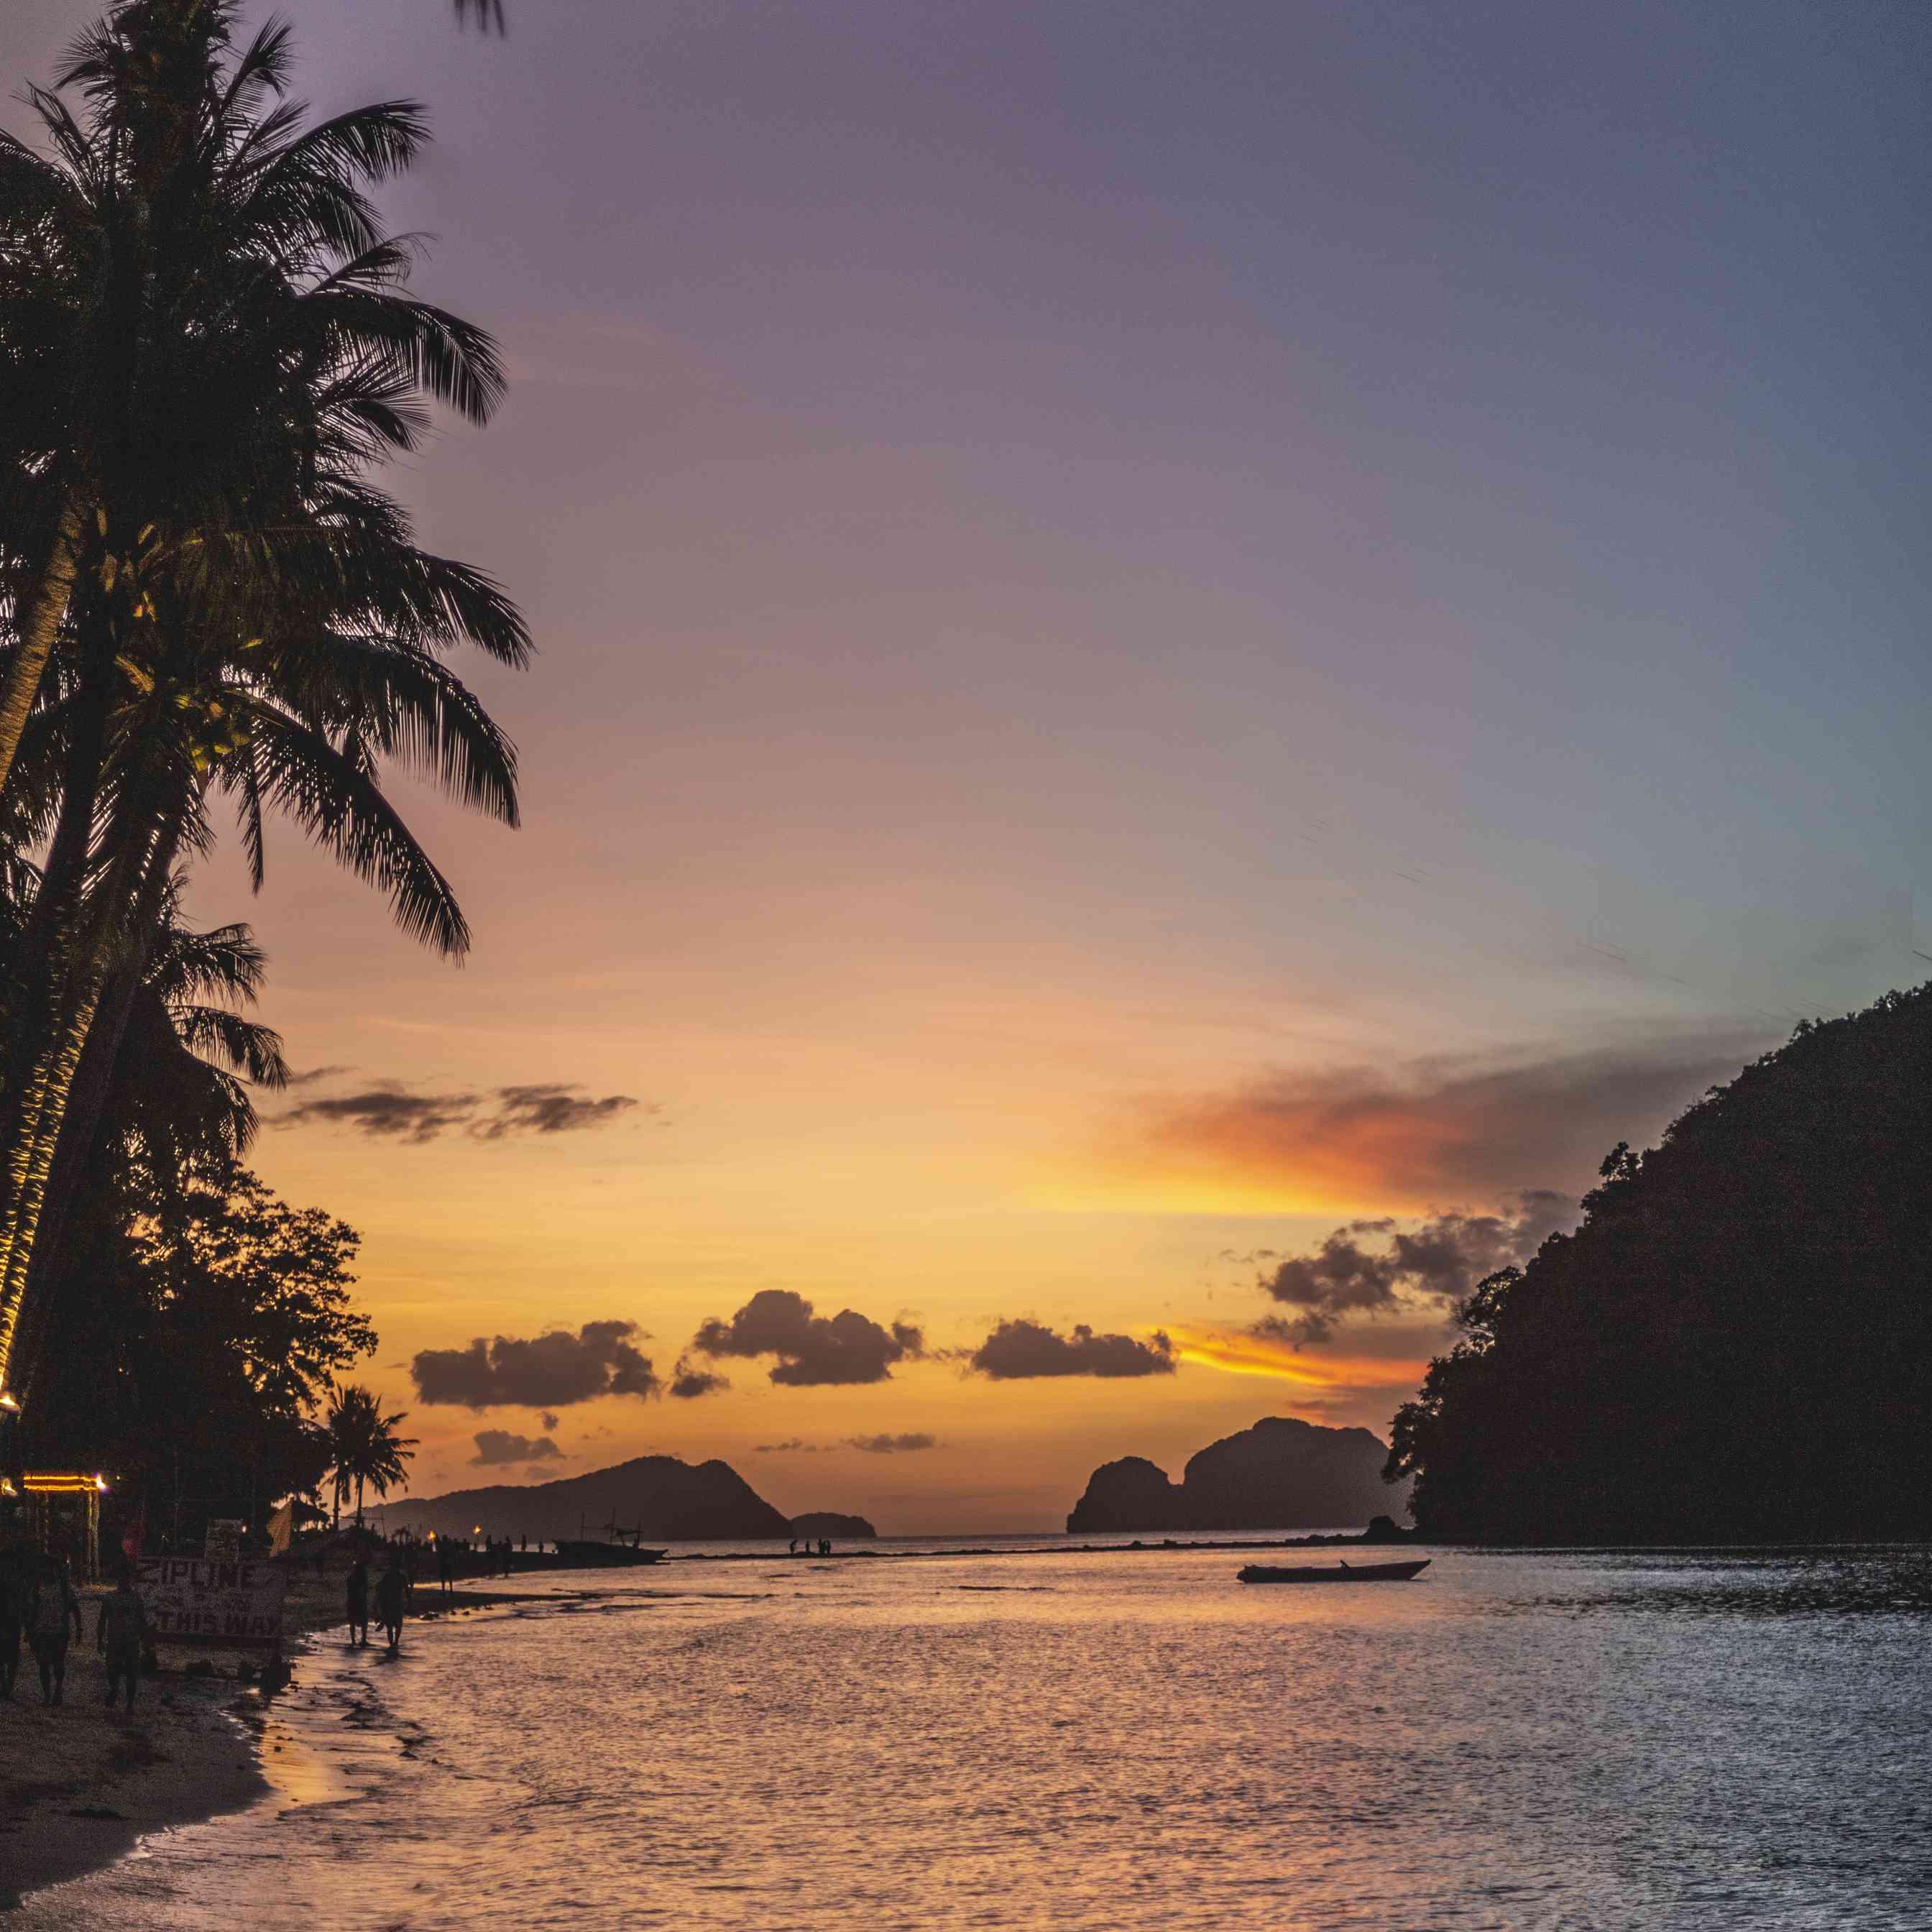 El Nido at sunset